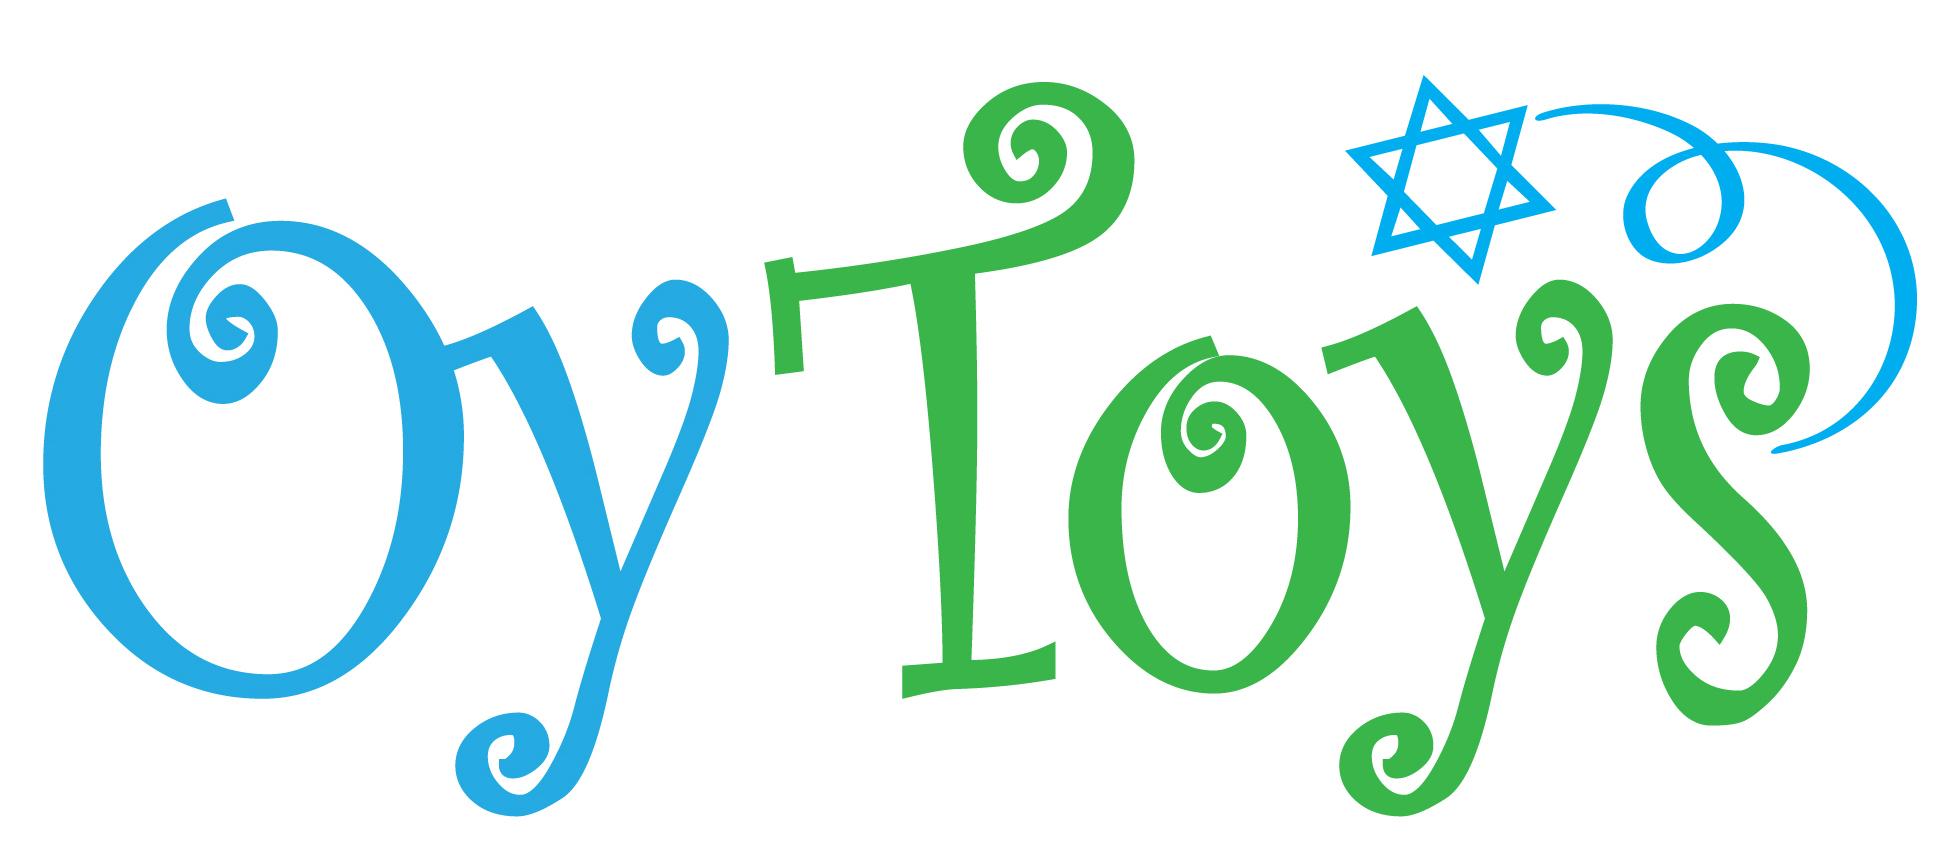 Oy Toy Logo